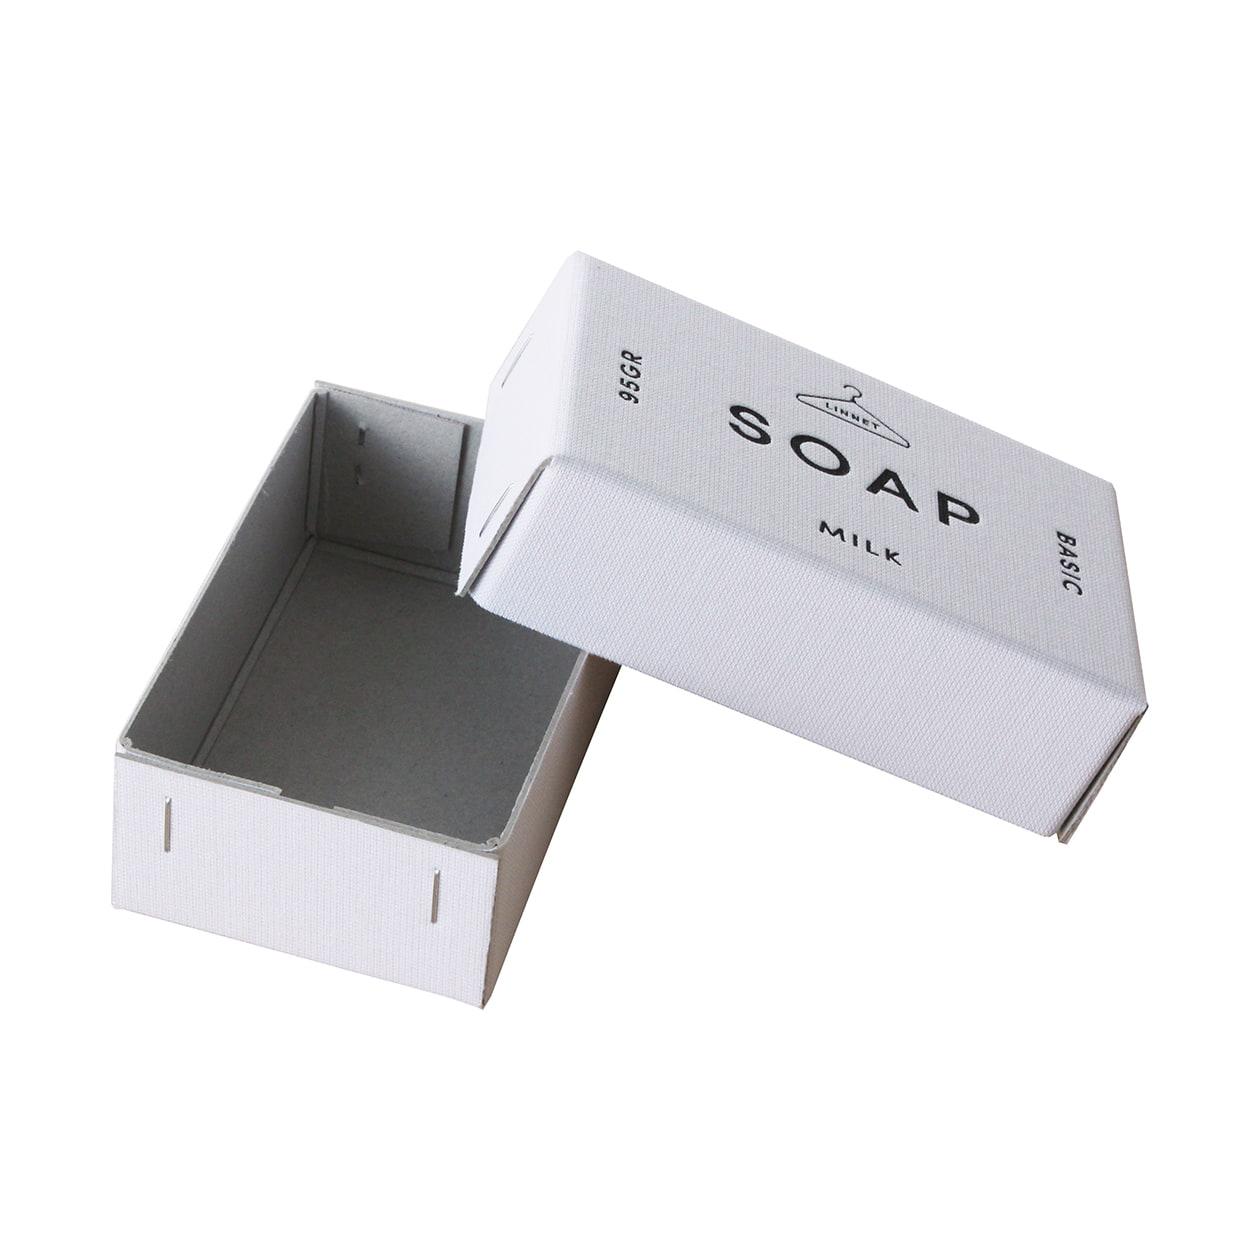 サンプル 箱(ホッチキス箱) 00009